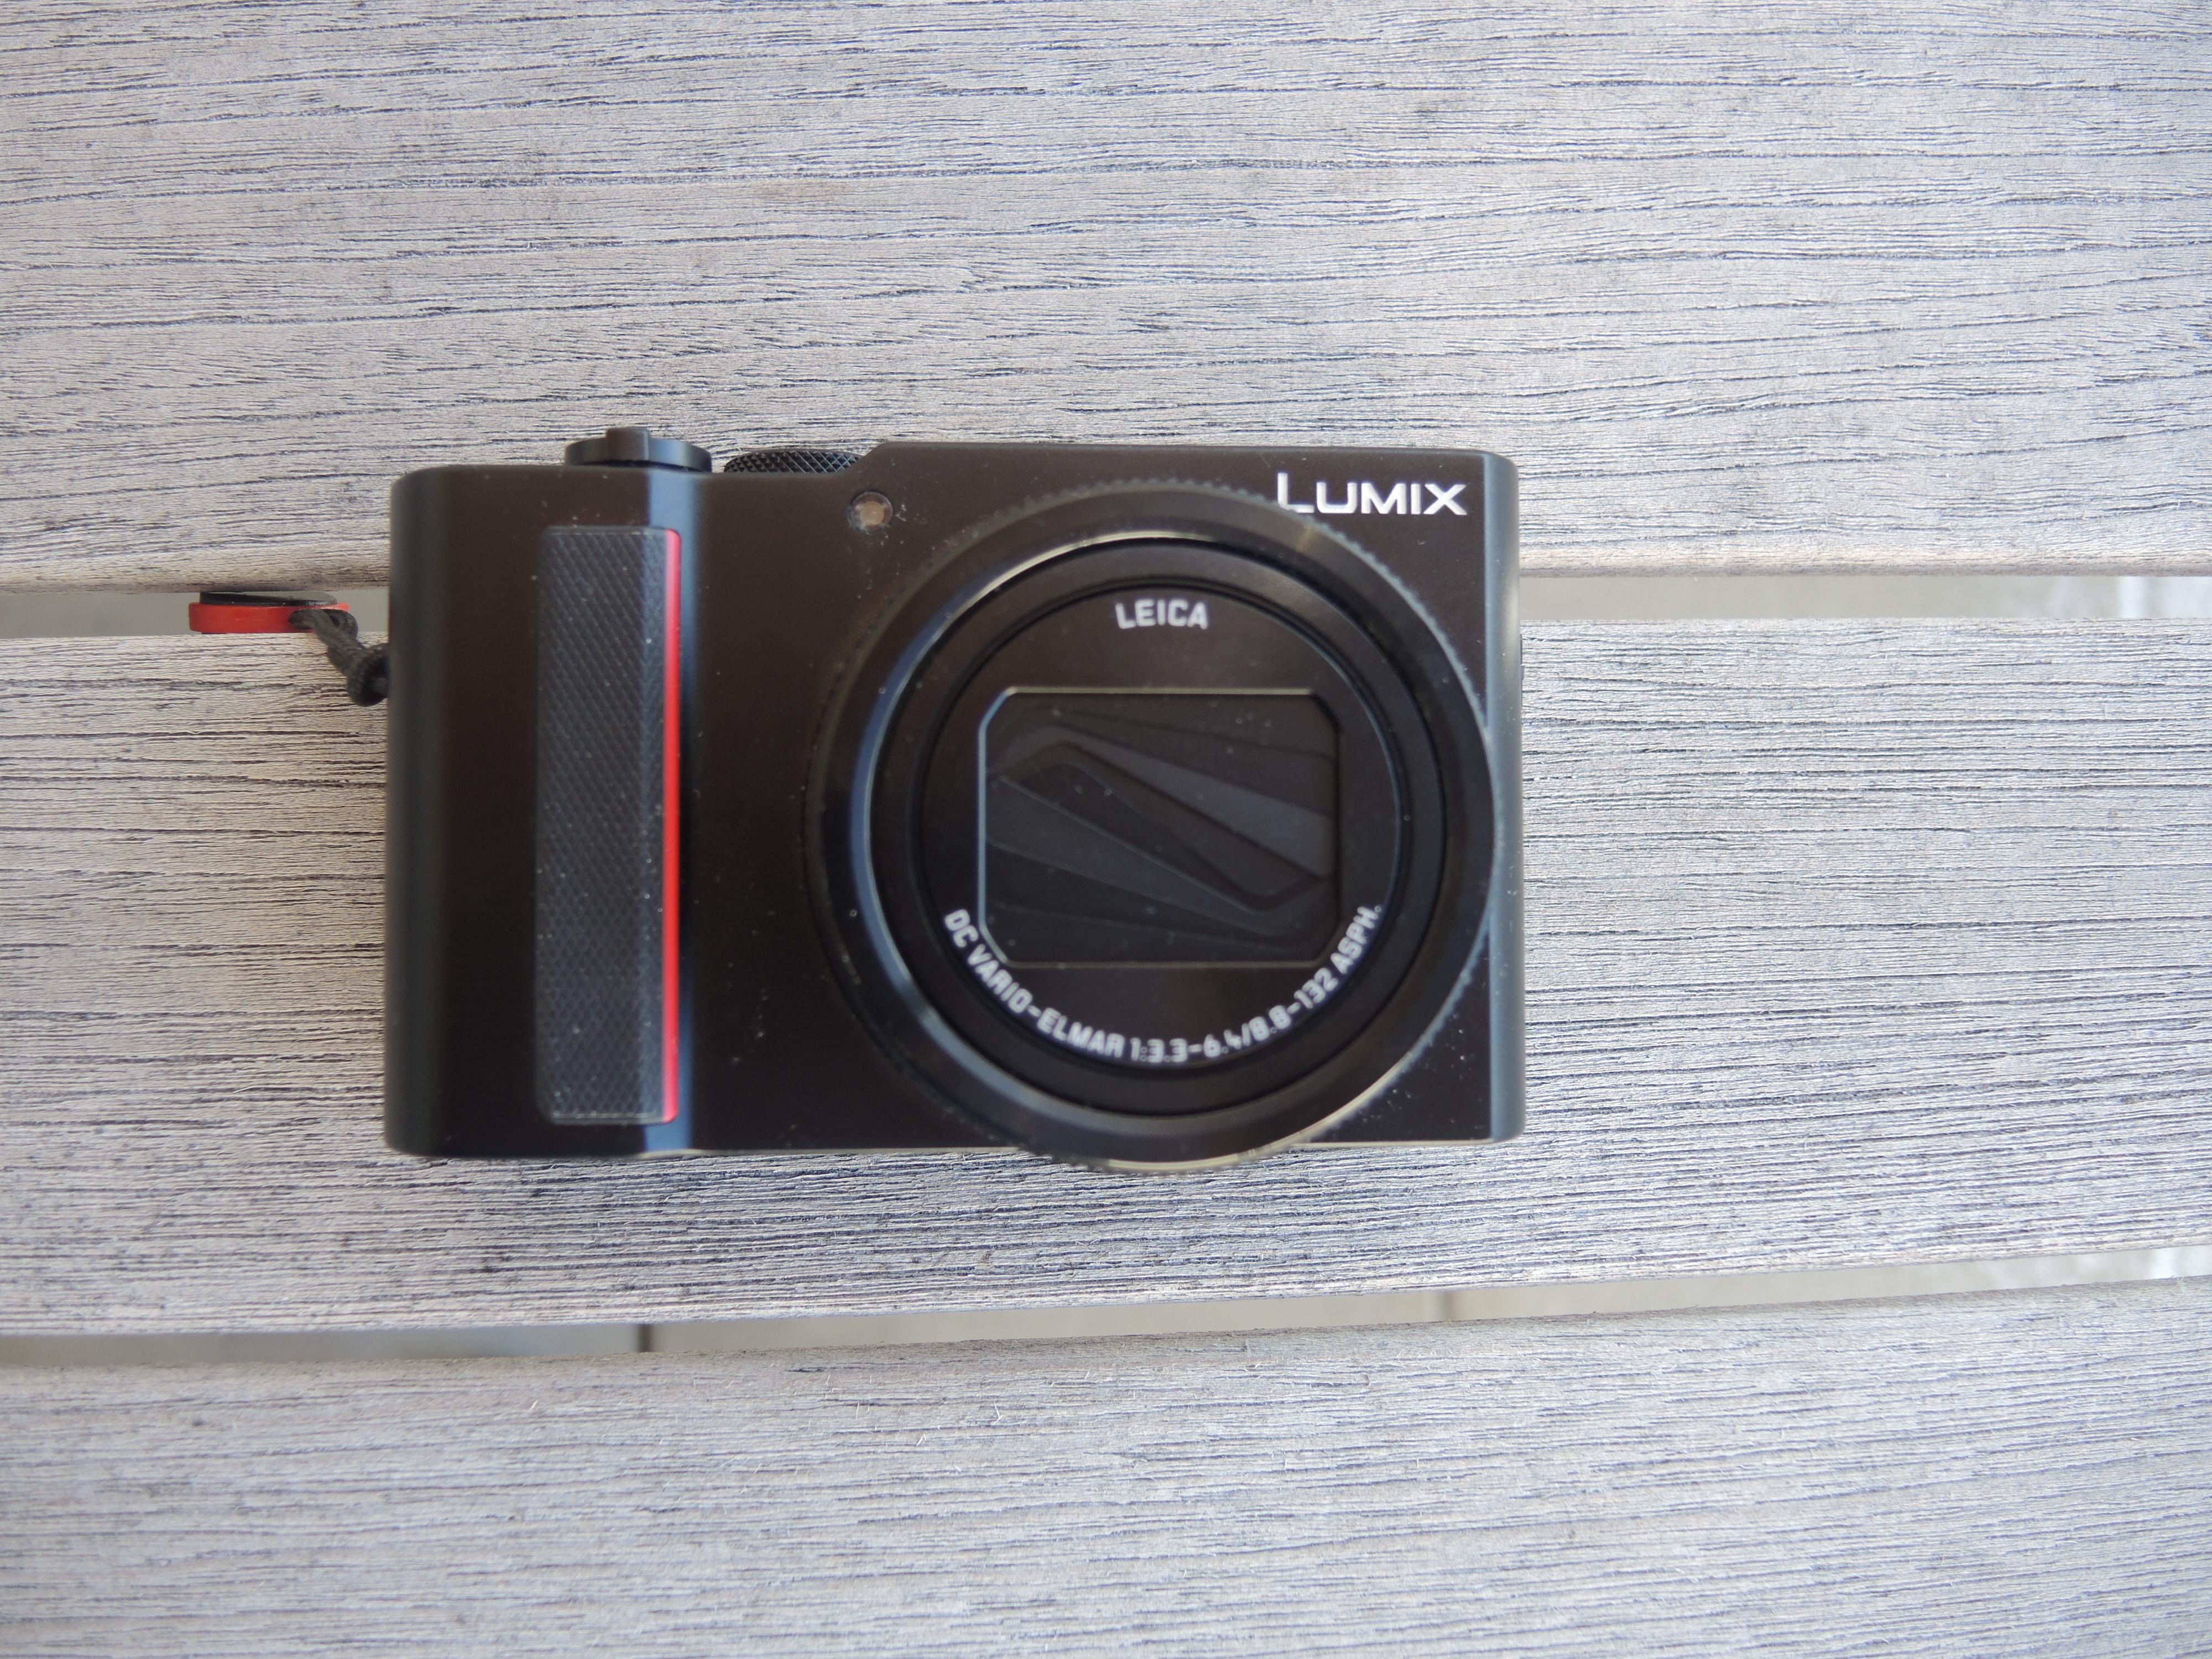 Lumix TZ-202